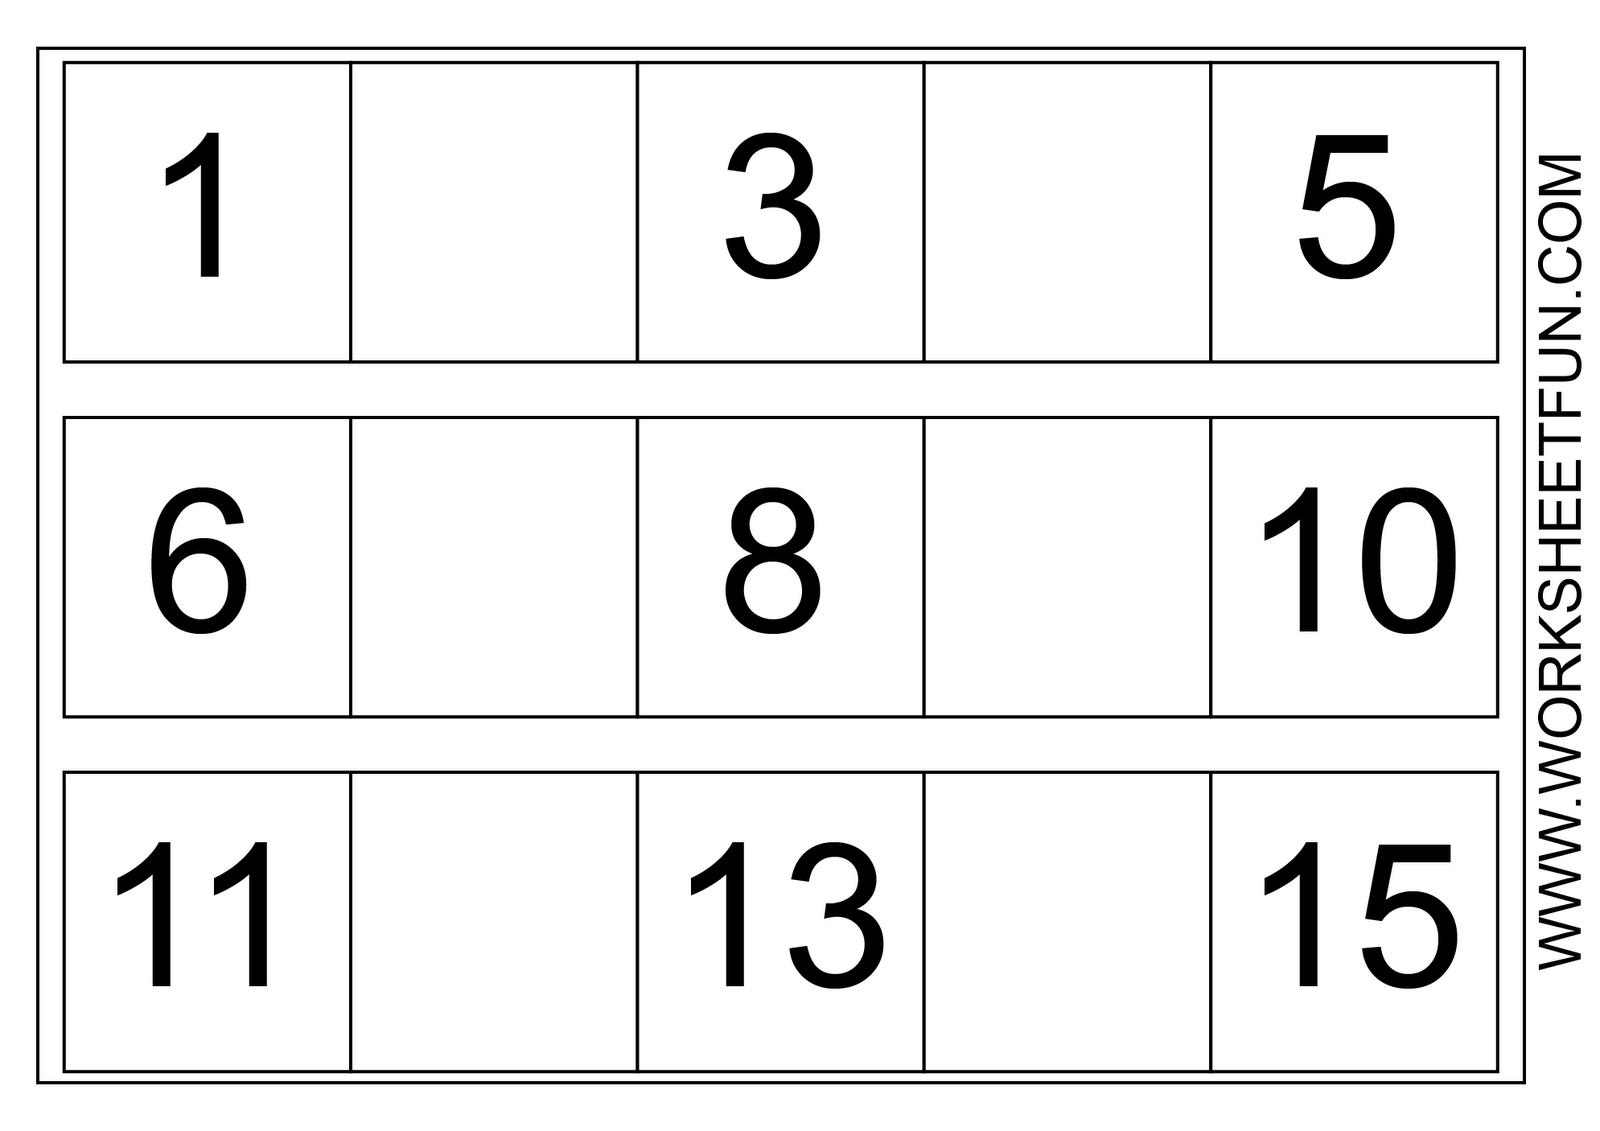 Free Printable Worksheets for Preschool | Missing Numbers Worksheets ...